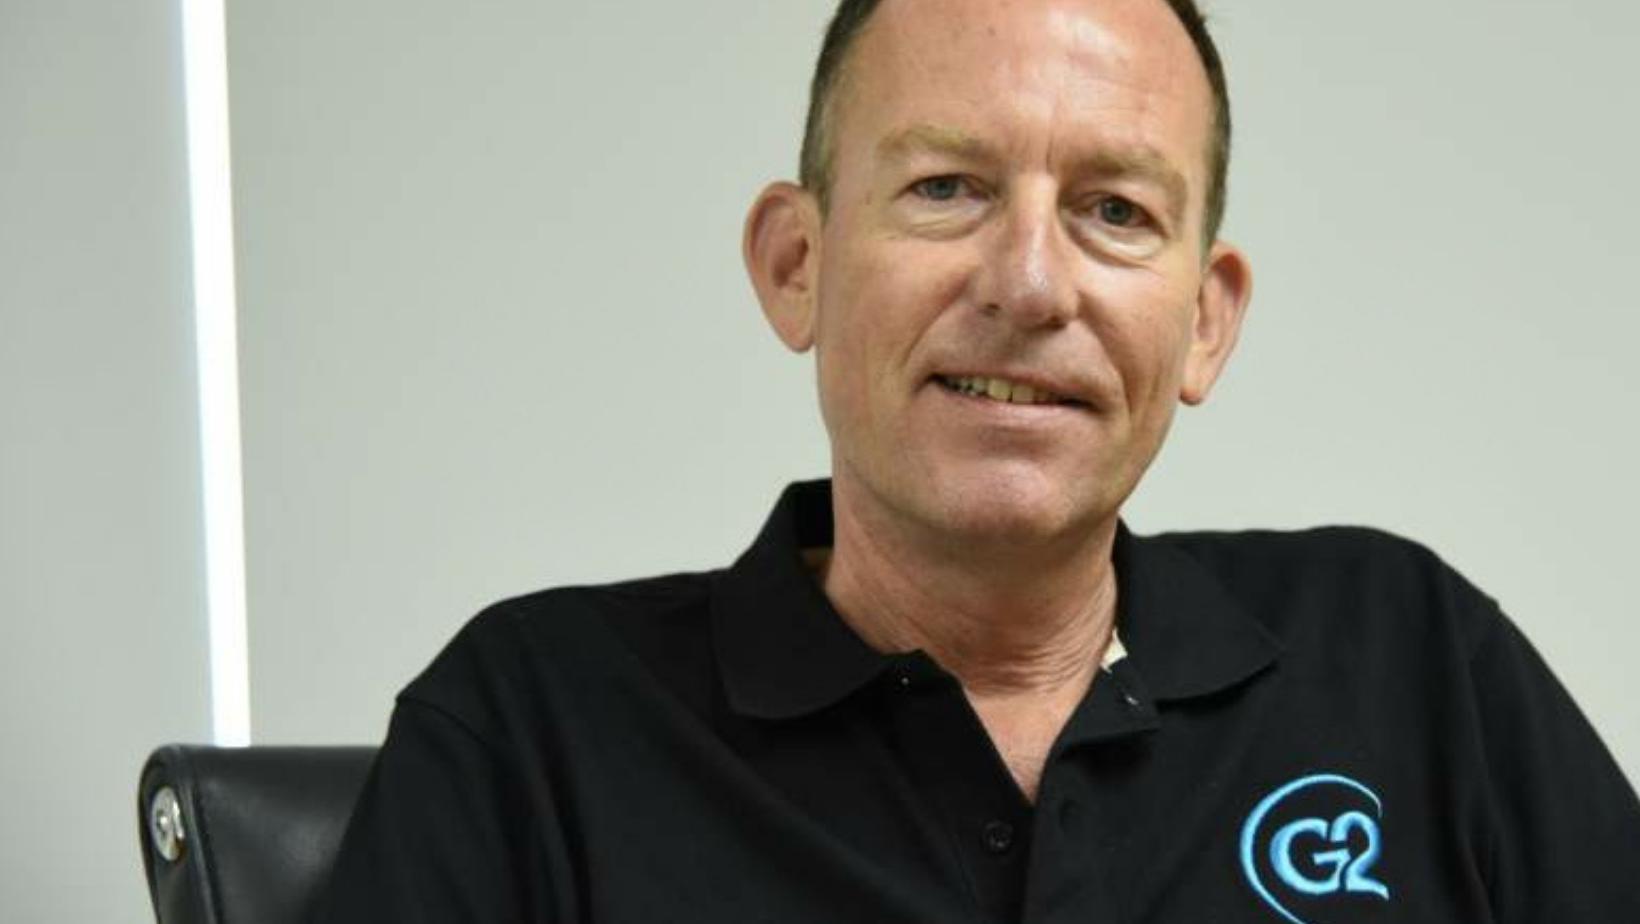 David Littlefair, President & Co-founder of G2 TL